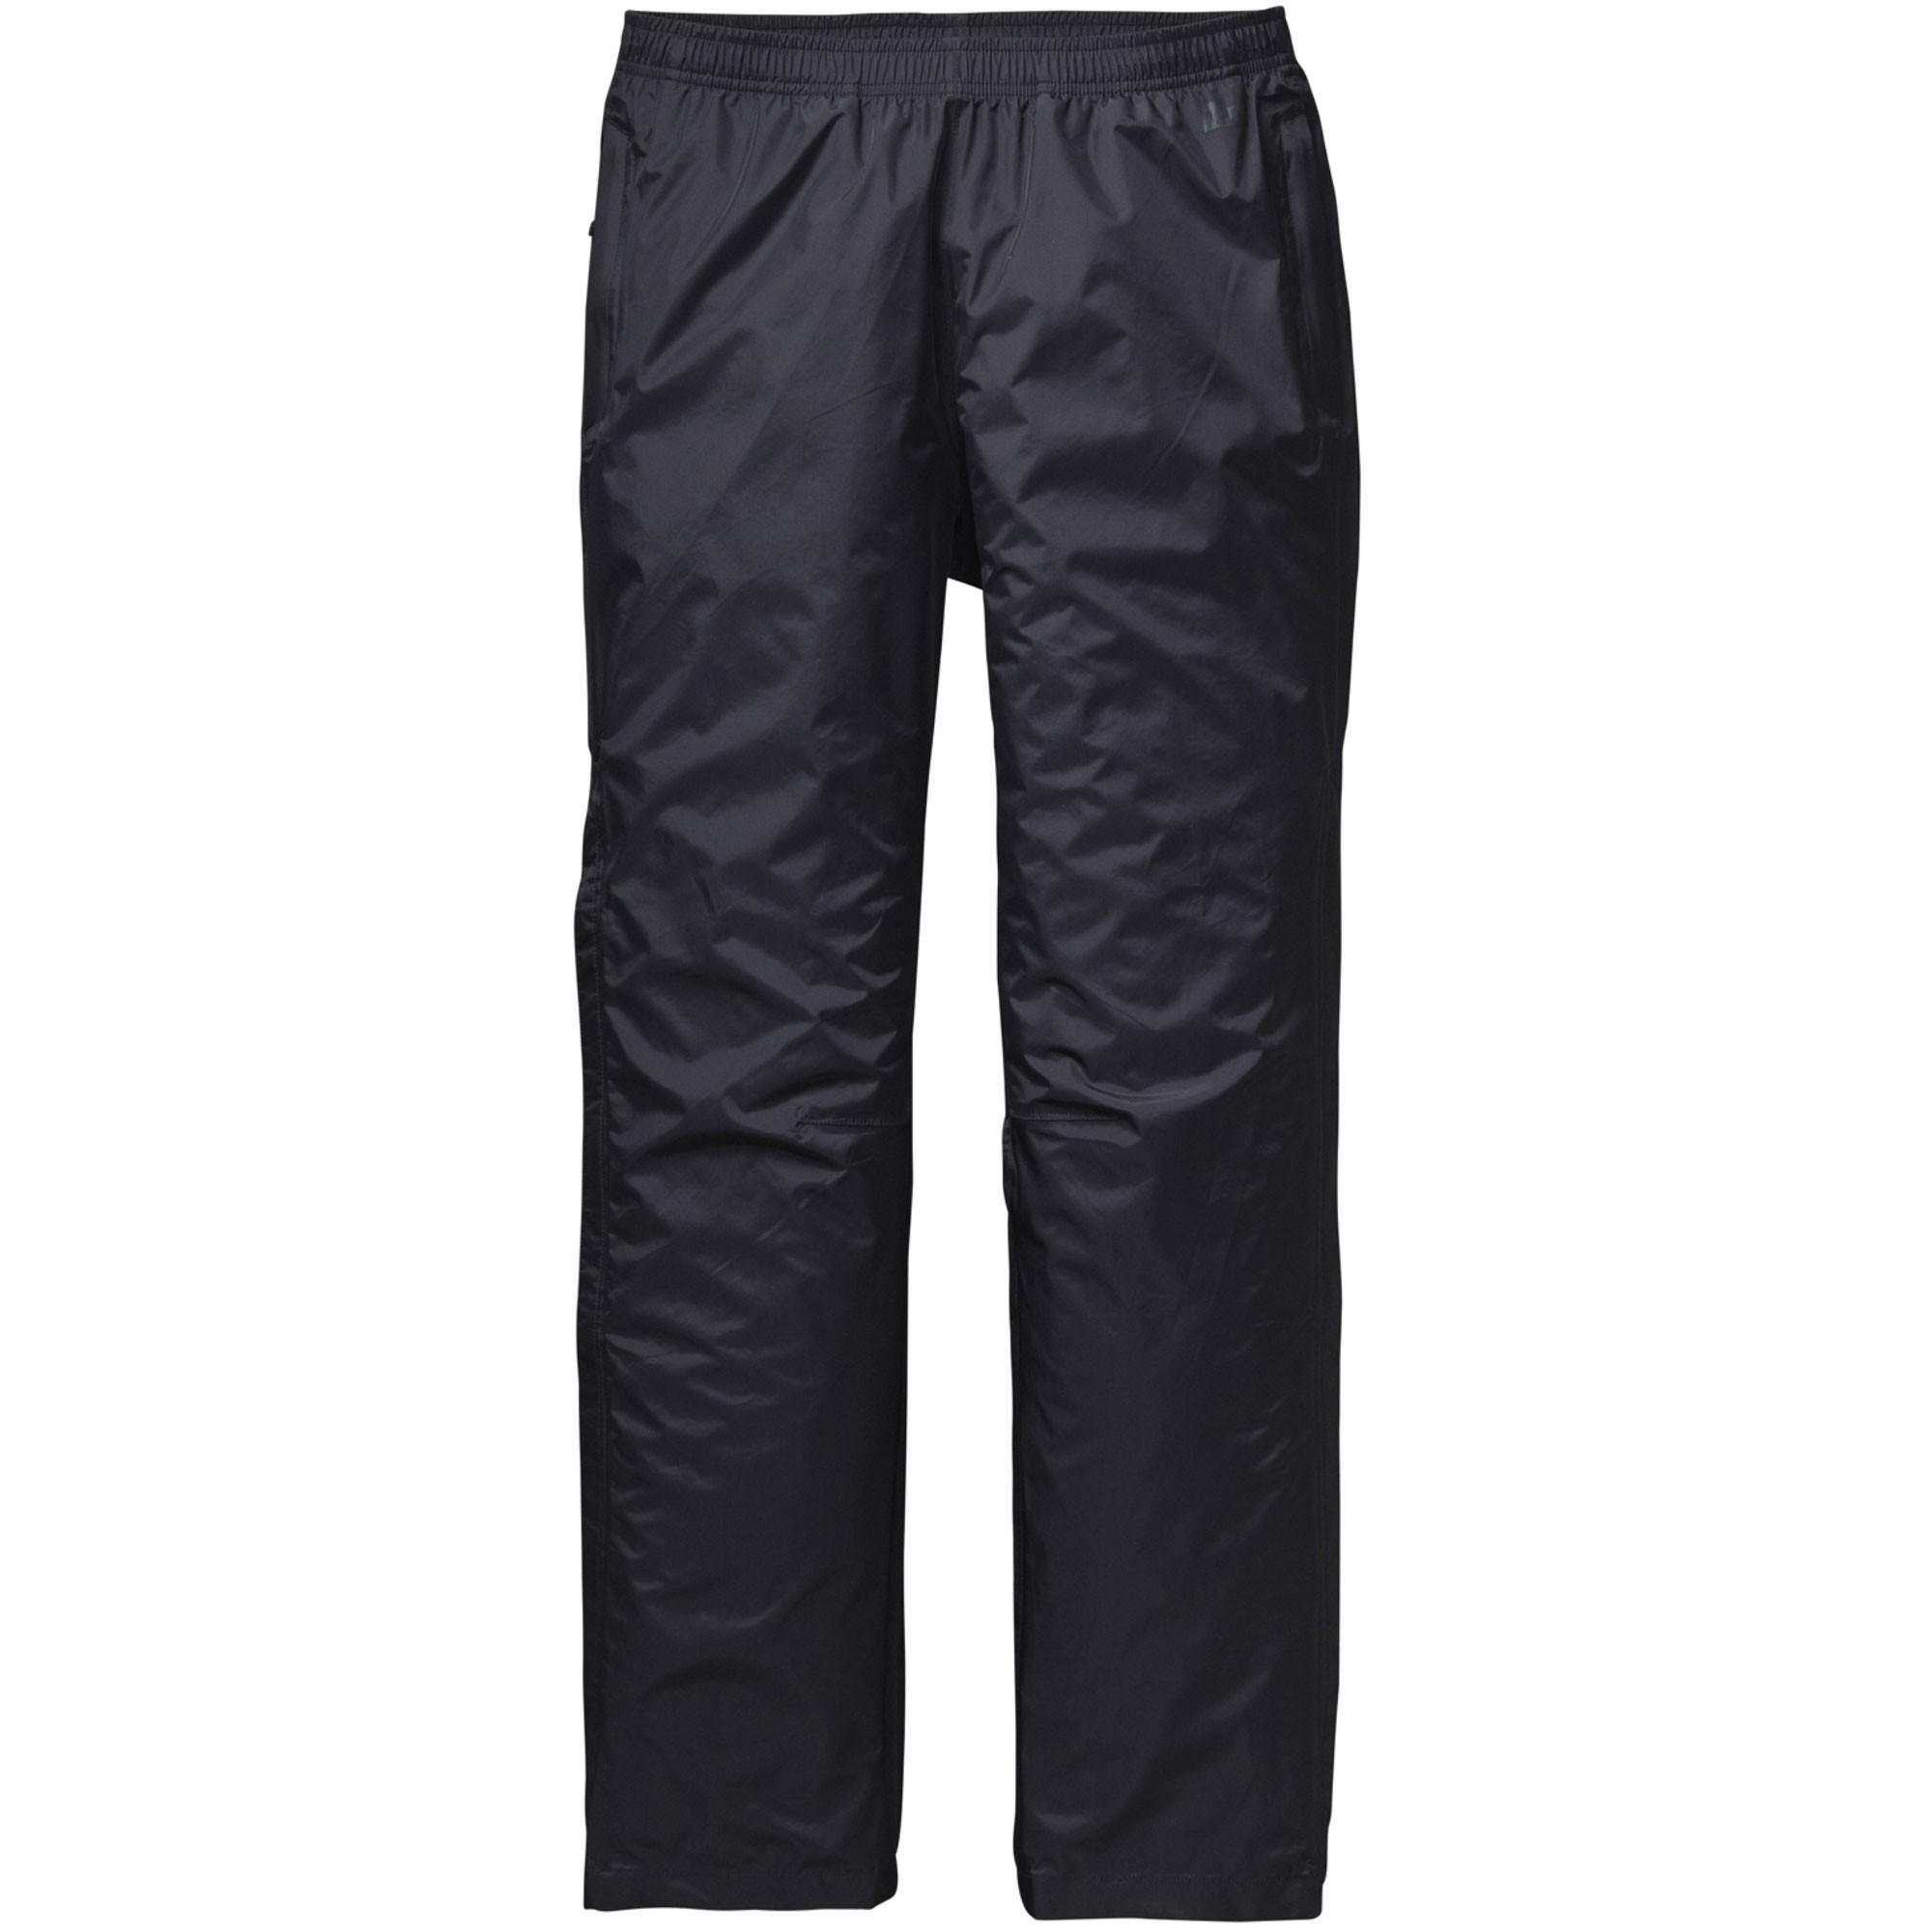 PATAGONIA - Women's Torrentshell Pant Waterproof Trousers